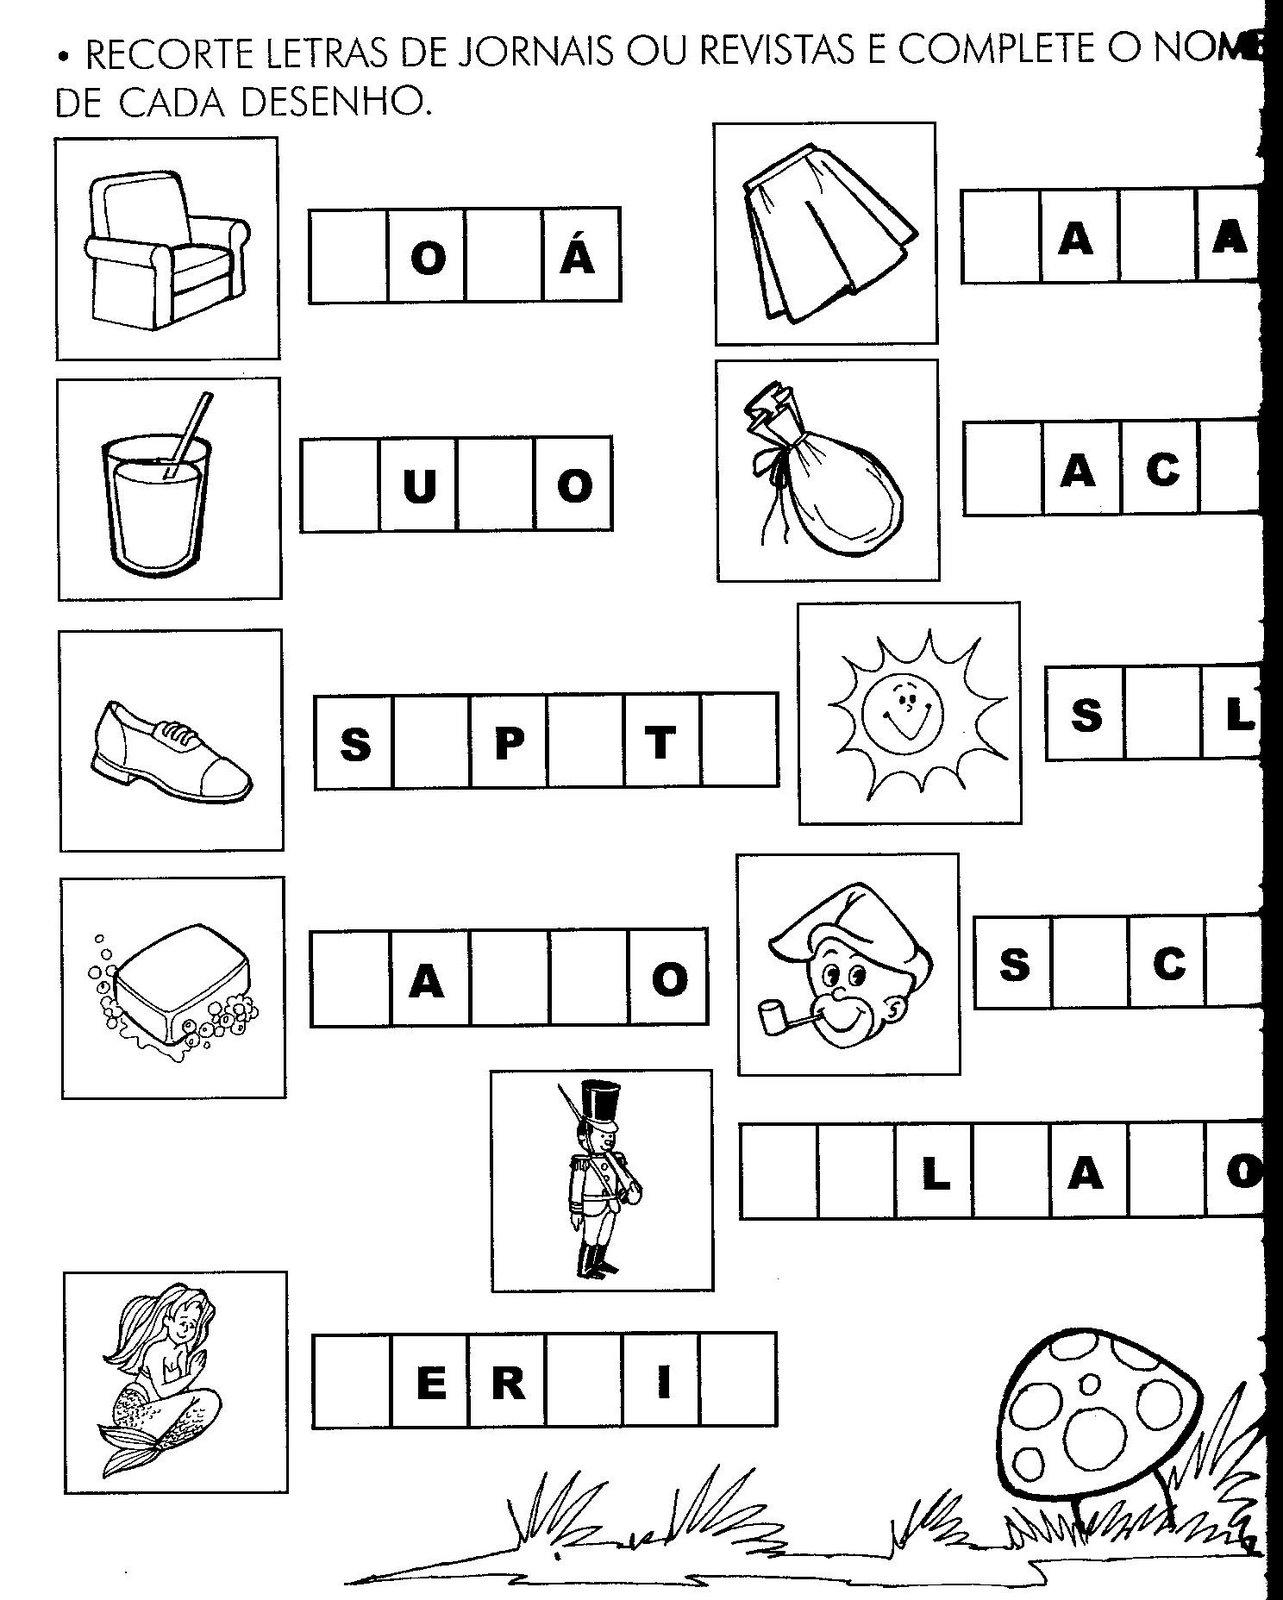 Suficiente Atividades para desenvolver habilidades alfabéticas nas crianças  HI19